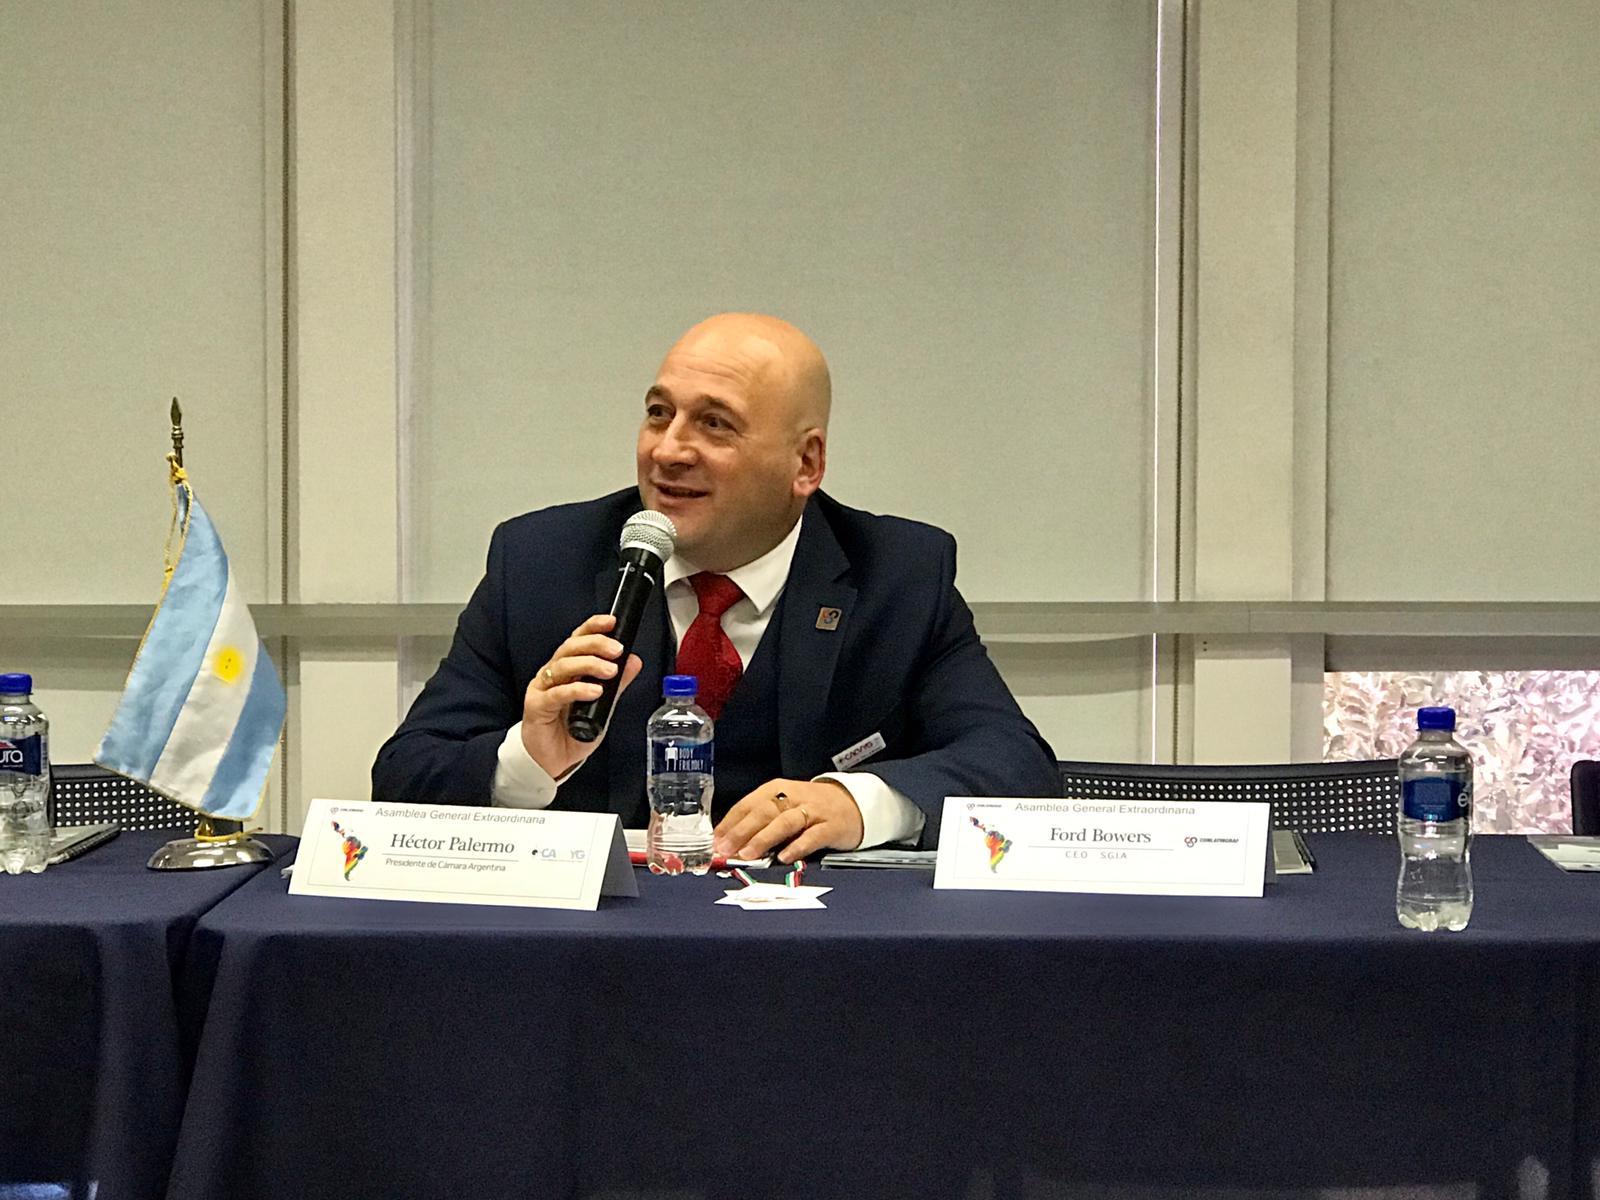 Hector Palermo, representando a Argentina en la Confederación Latinoamericana de la Industria Gráfica.